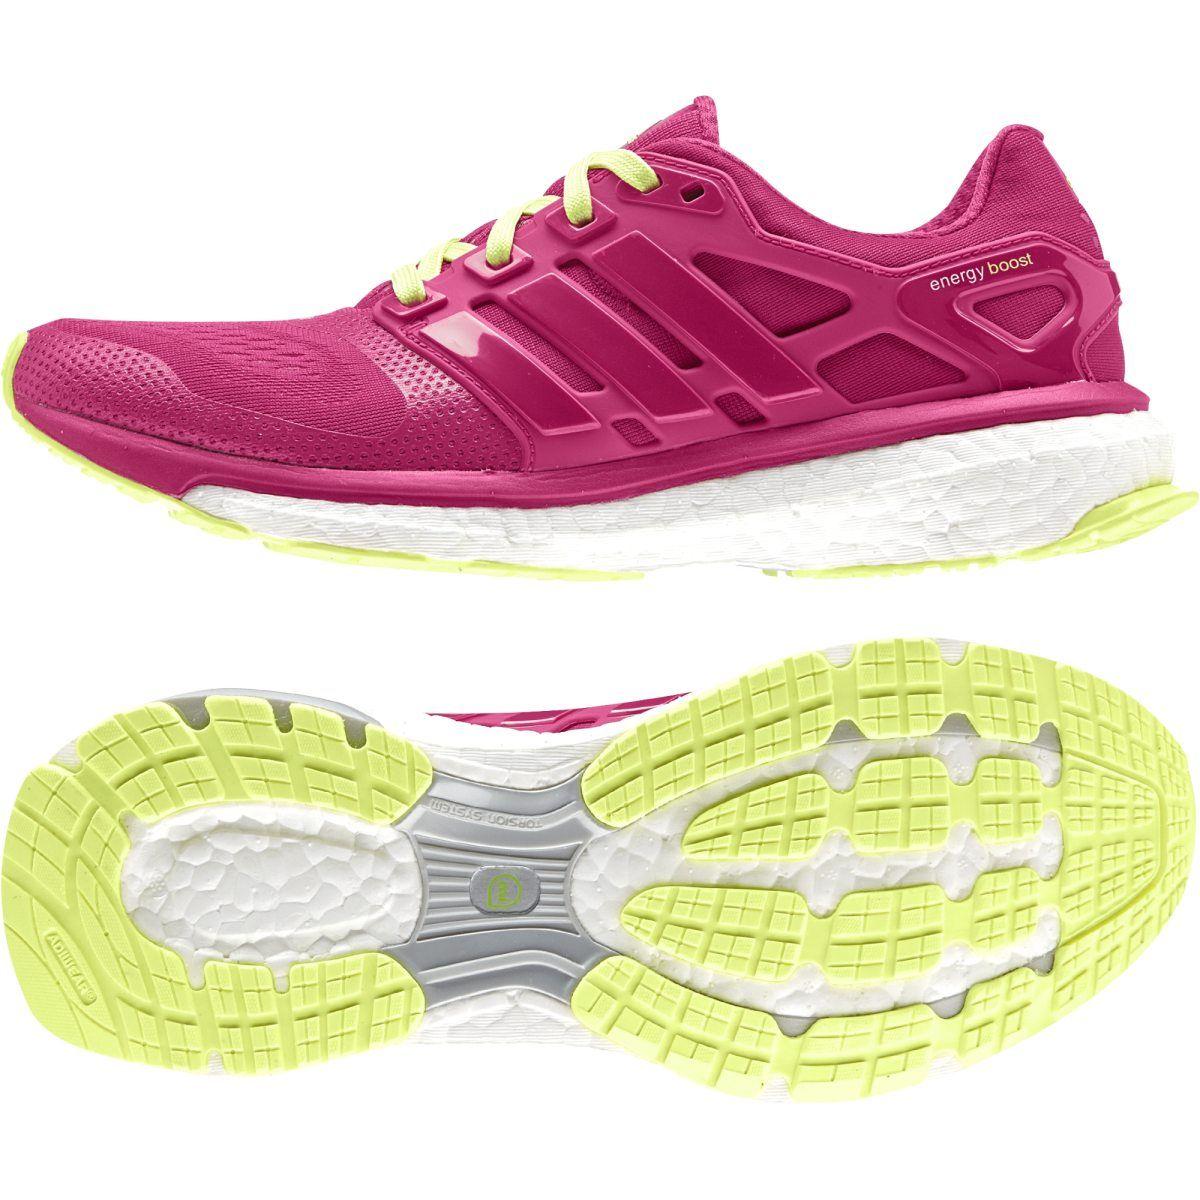 adidas joggesko